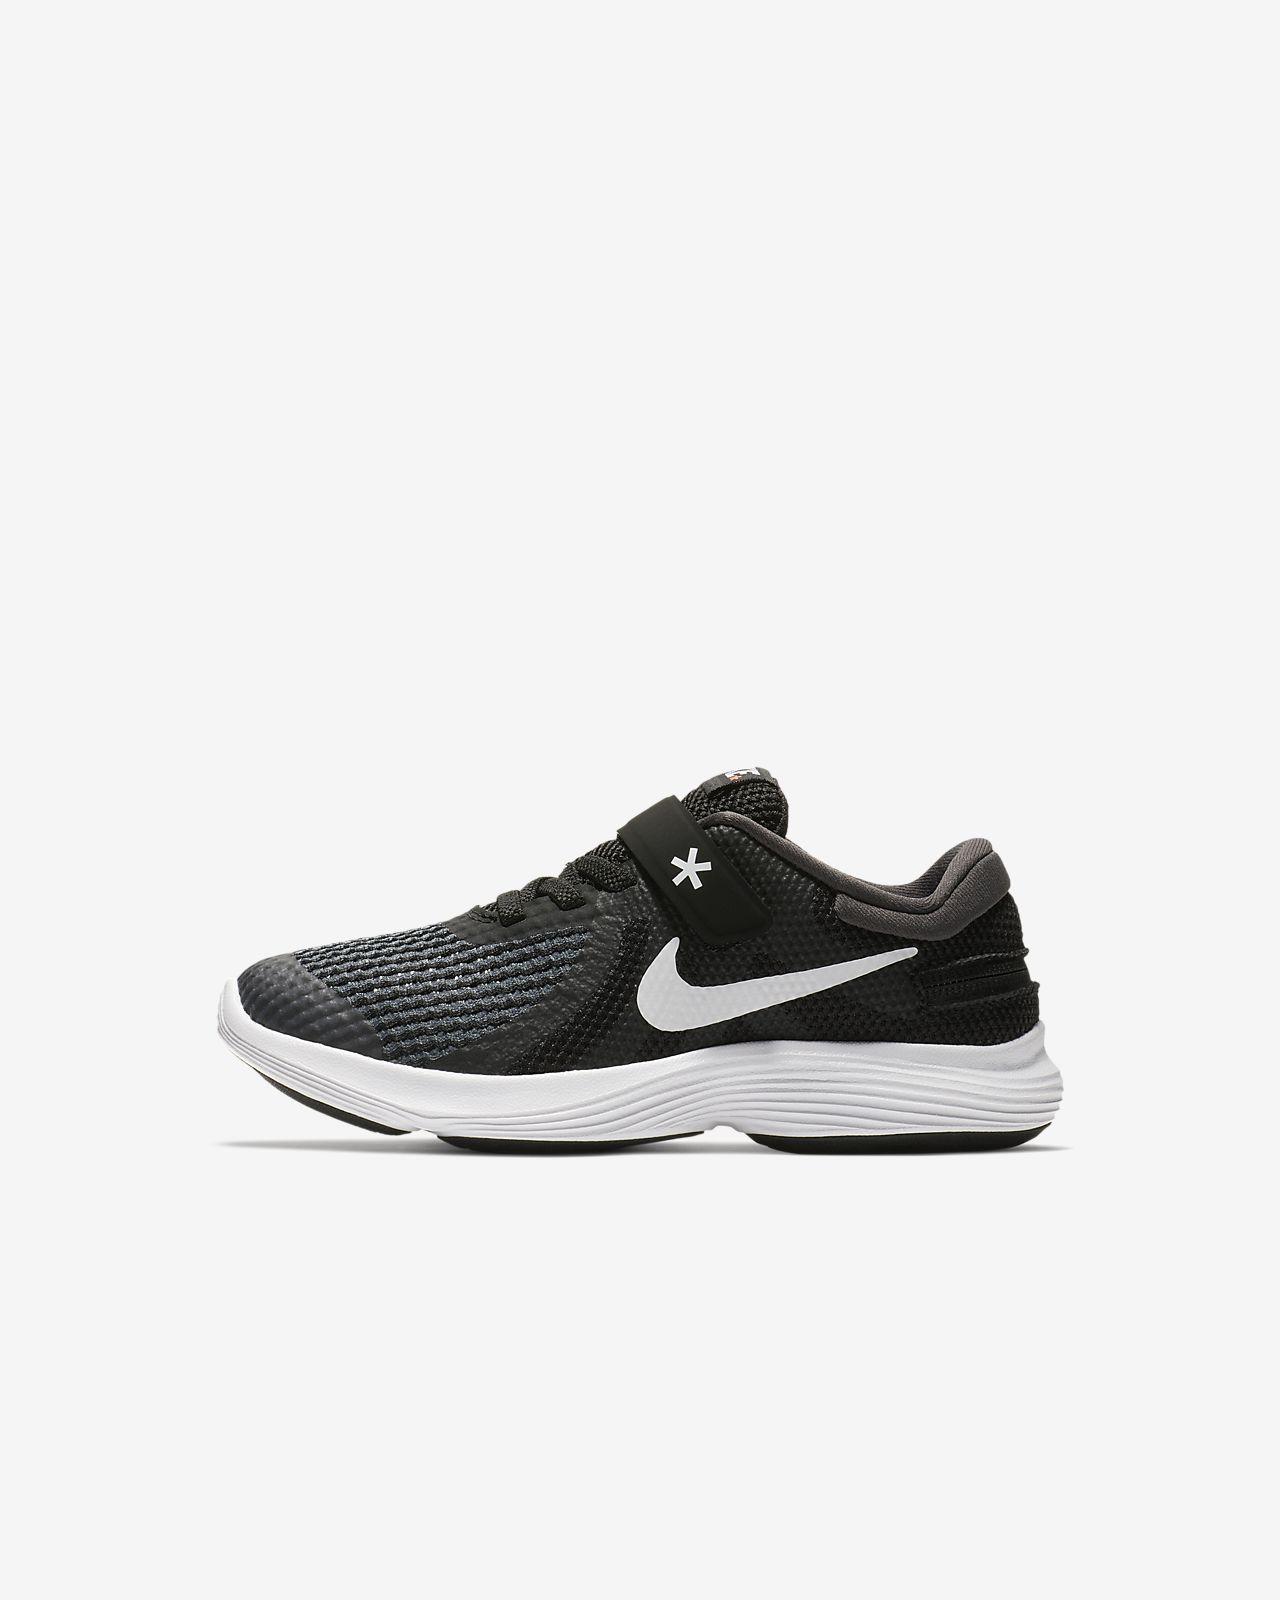 Sko Nike Revolution 4 FlyEase för barn